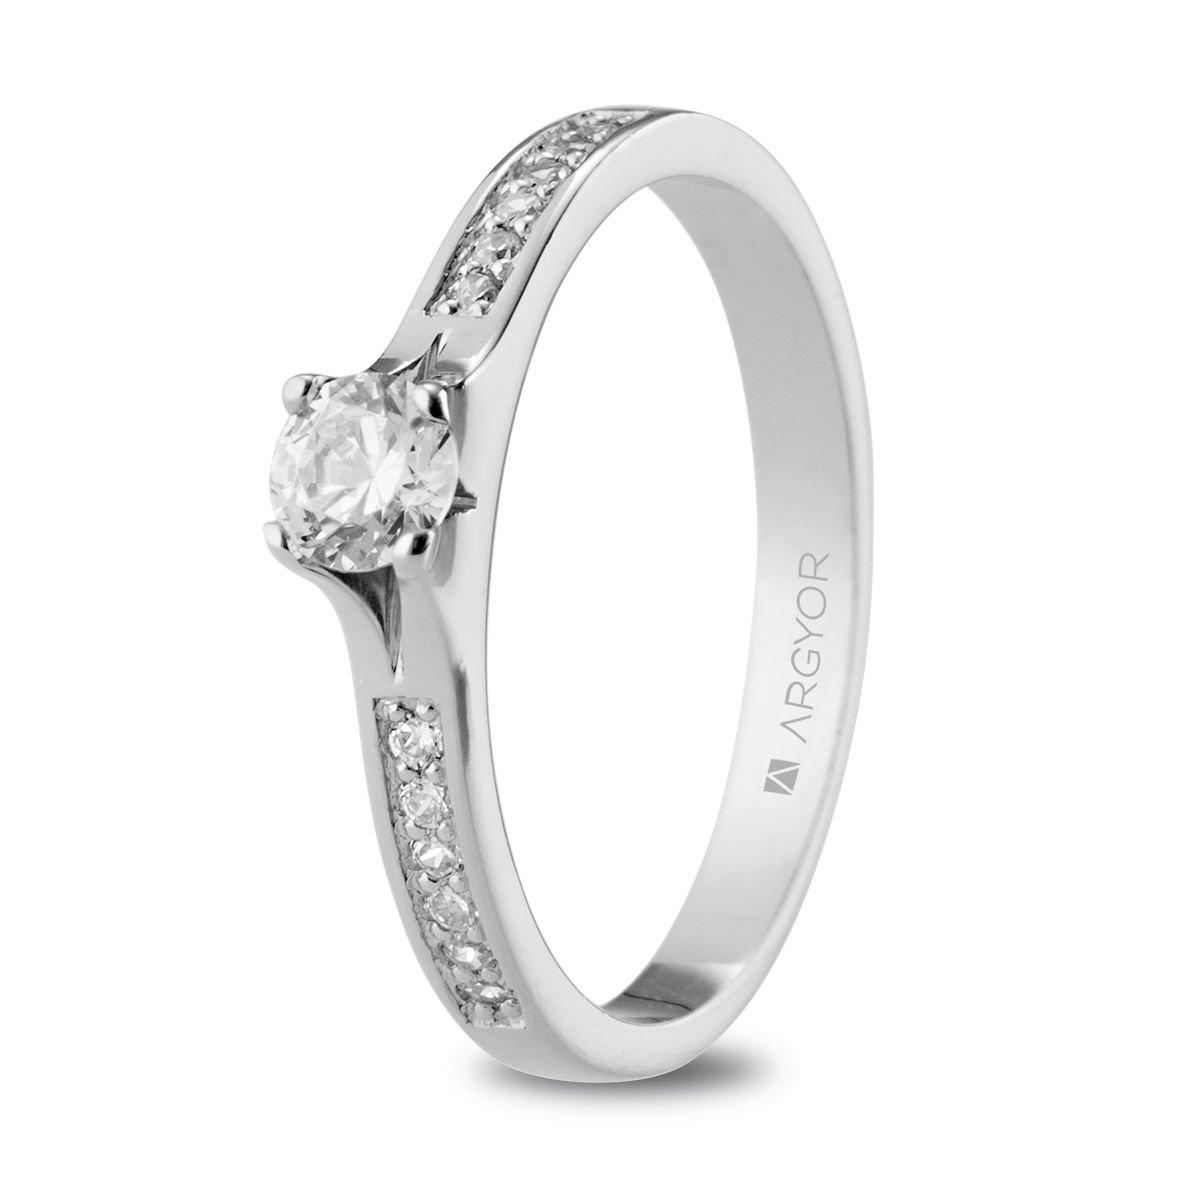 mitad de descuento 74ef3 9c899 Anillo de compromiso Argyor de platino 13 diamantes 0.39ct. Sortija de  platino 13 diamantes 0.39ct